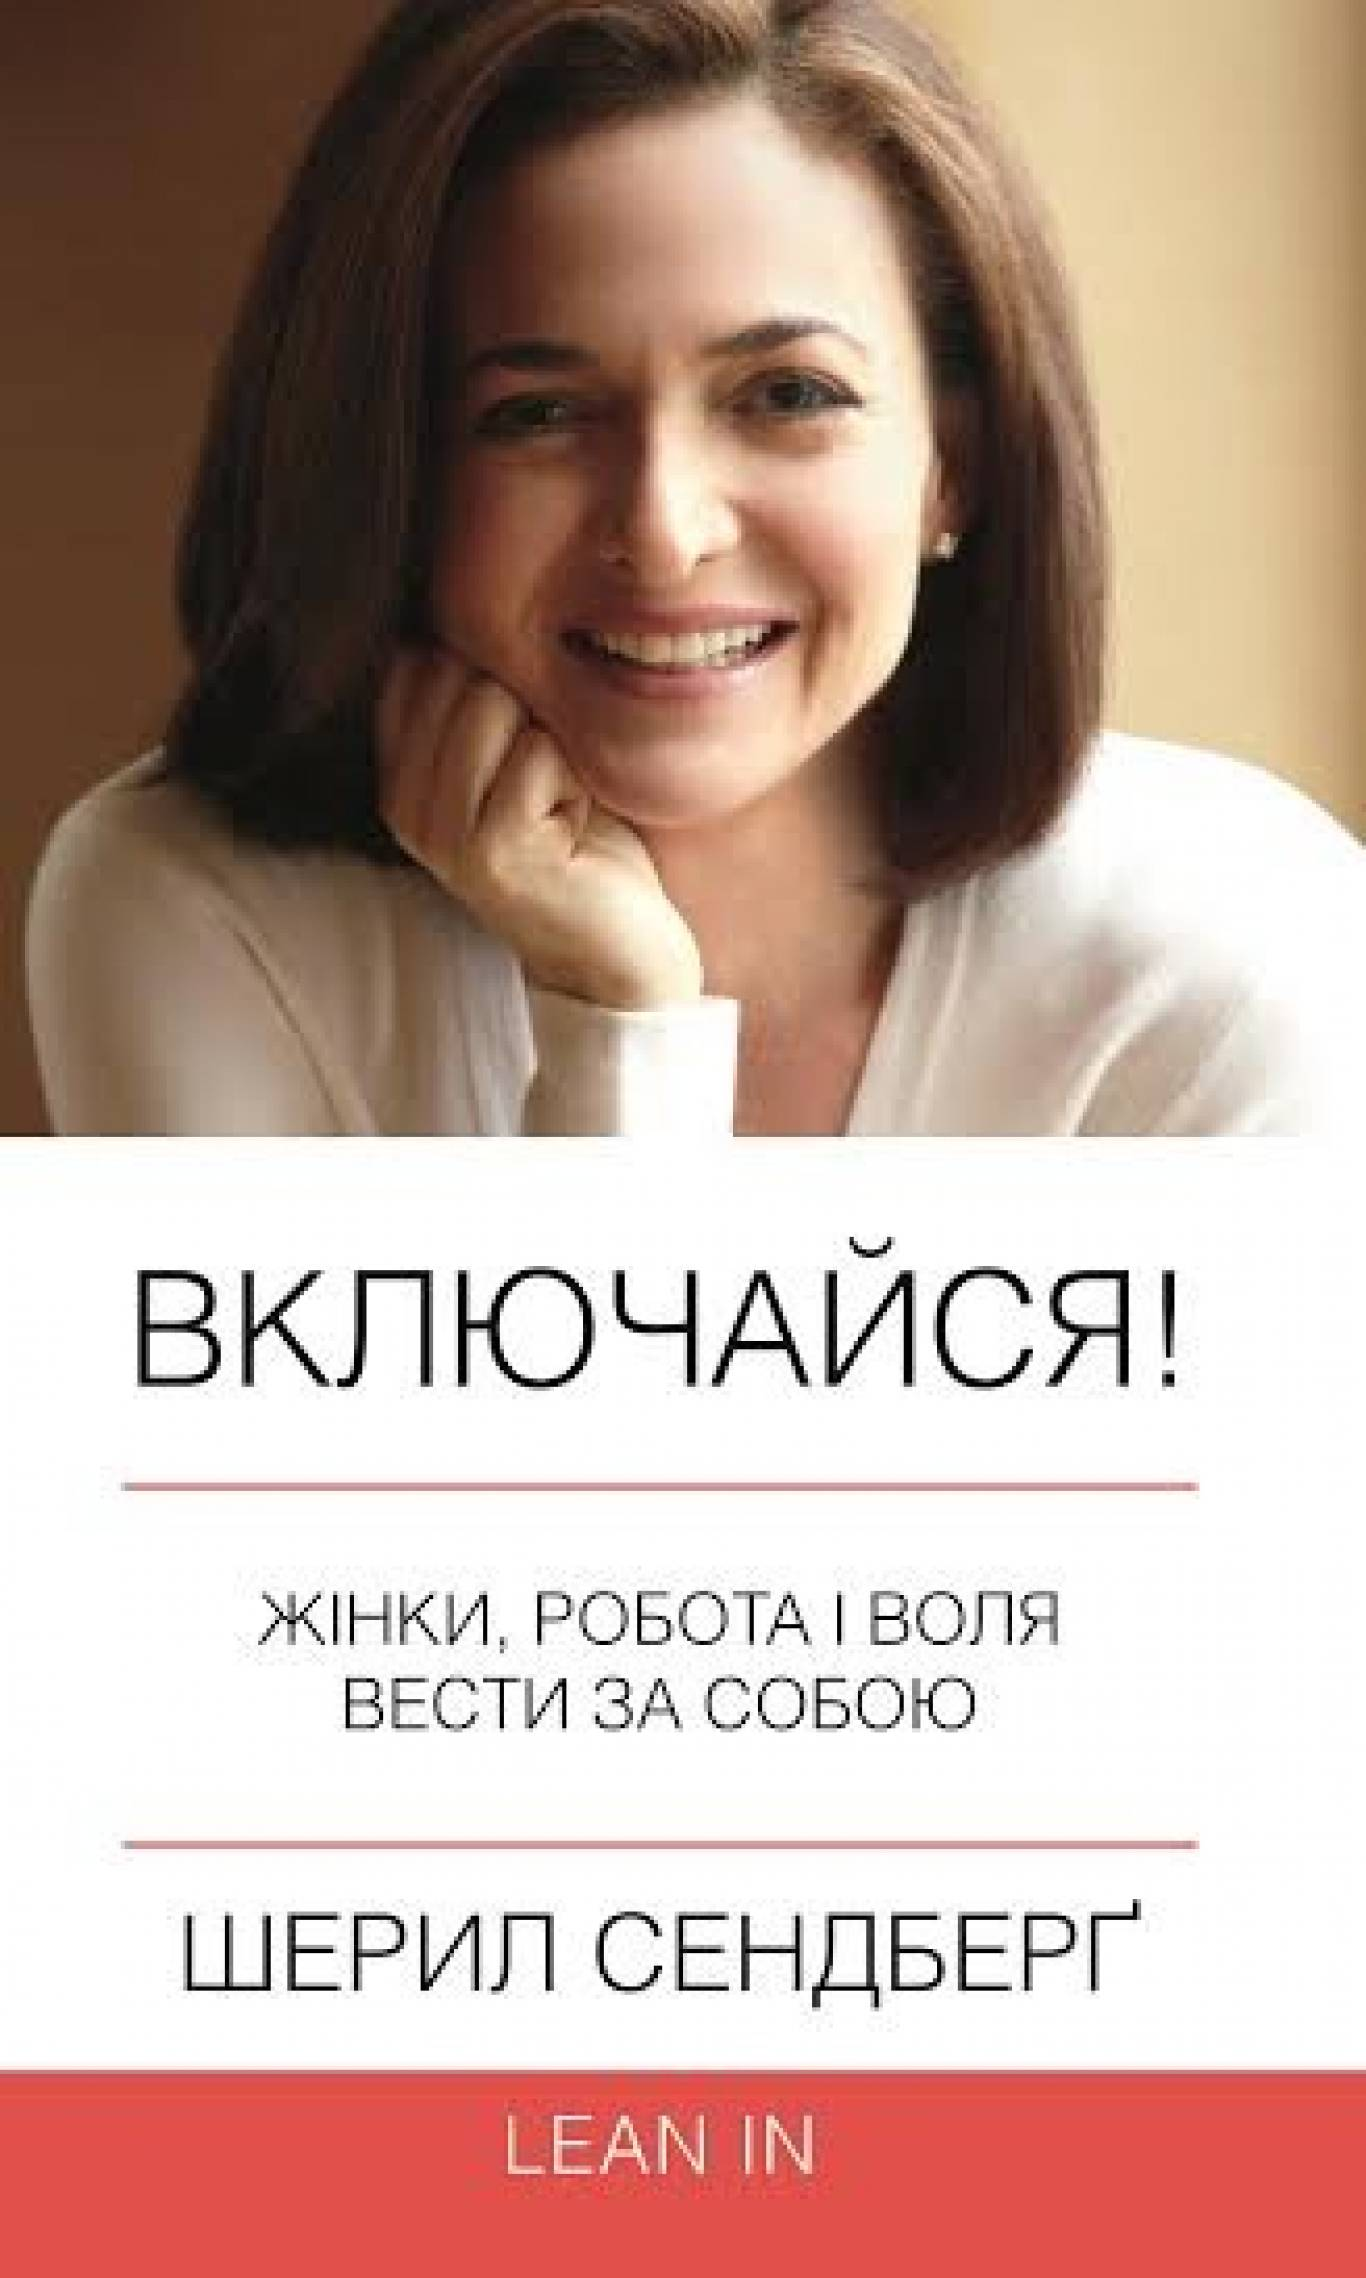 """Презентація книги Шерил Сендберґ """"Включайся! Жінки, робота і воля вести за собою"""""""